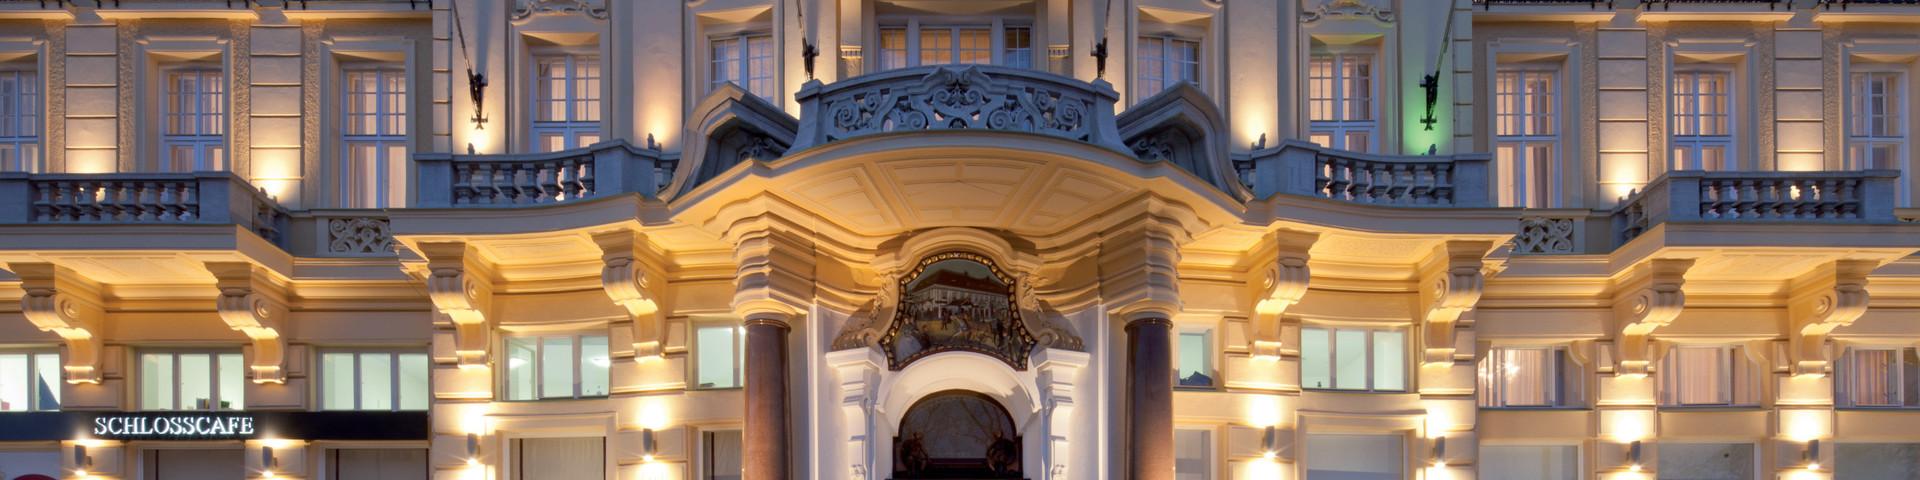 Austria Trend Parkhotel Schoenbrunn - Aussenansicht © Austria Trend Hotels